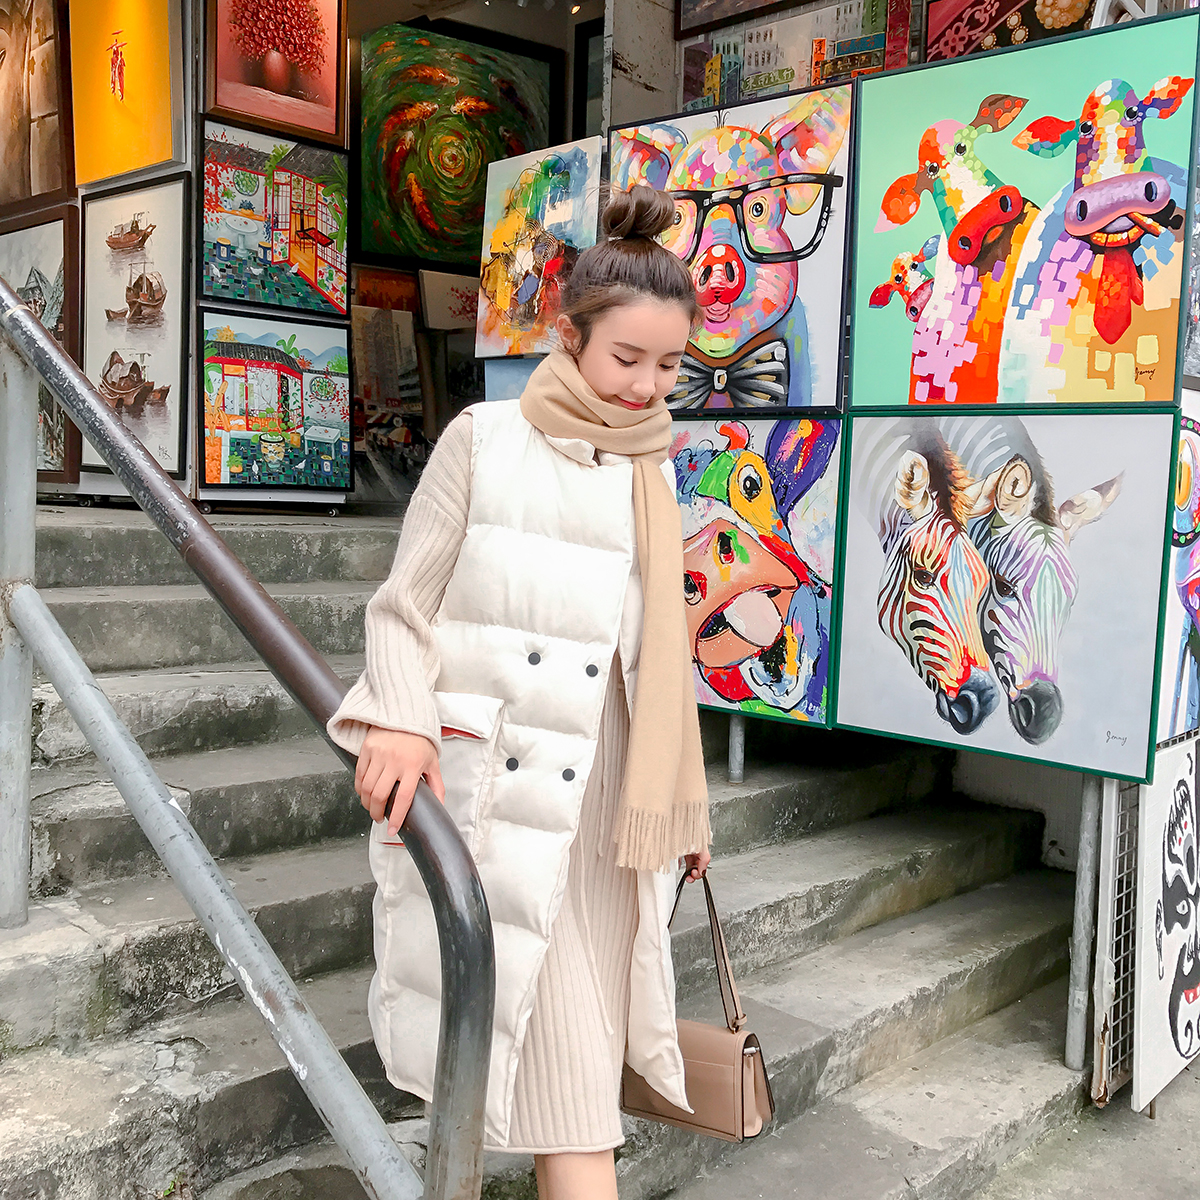 ◆MUGU蘑菇◆秋冬韩版2017新款中长款翻领宽松百搭棉衣外套马甲女1元优惠券